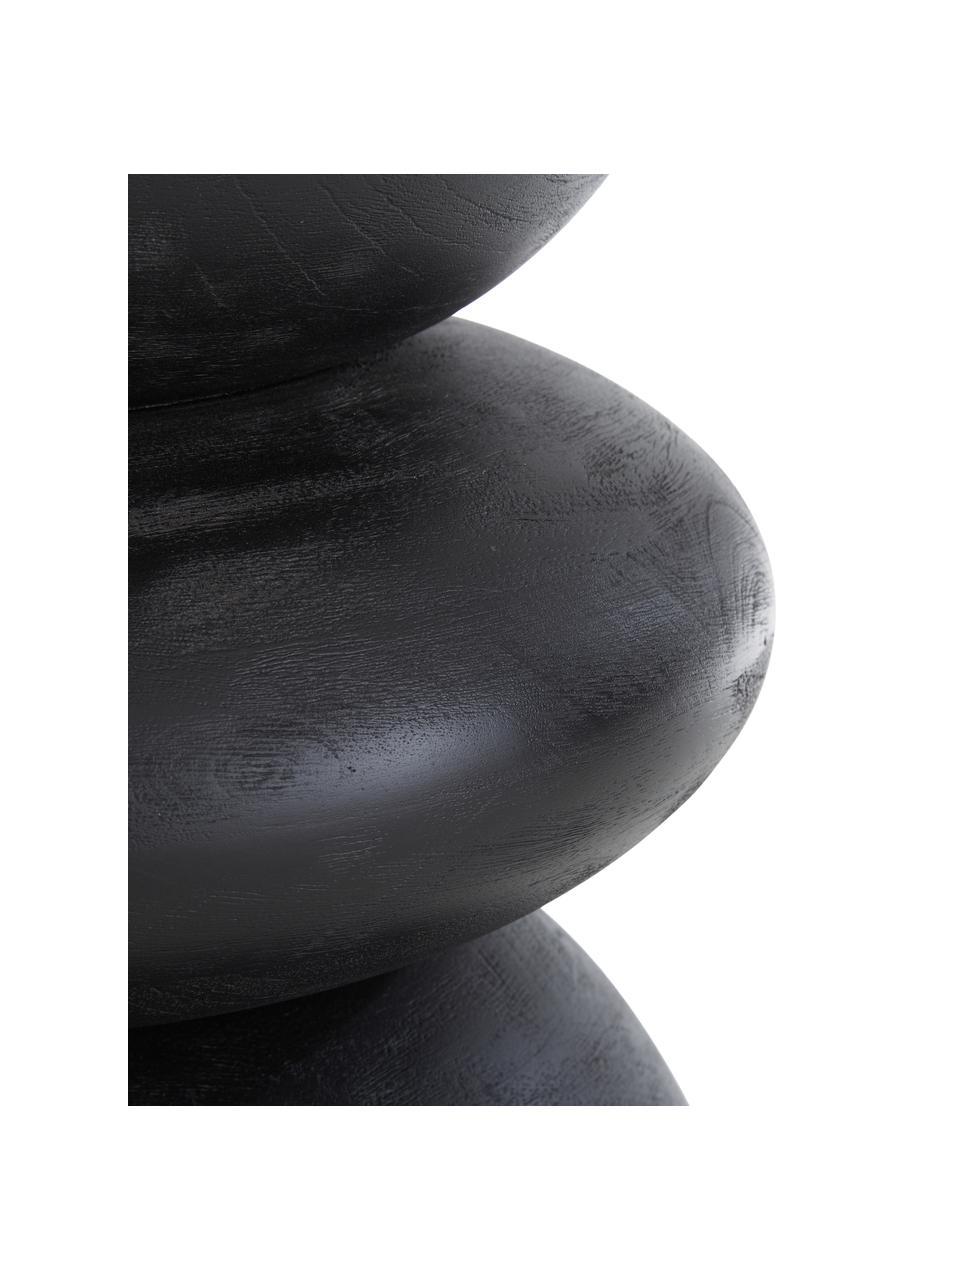 Tavolino rotondo in legno di mango Benno, Legno massiccio di mango verniciato, Legno di mango nero verniciato, Ø 35 x Alt. 50 cm